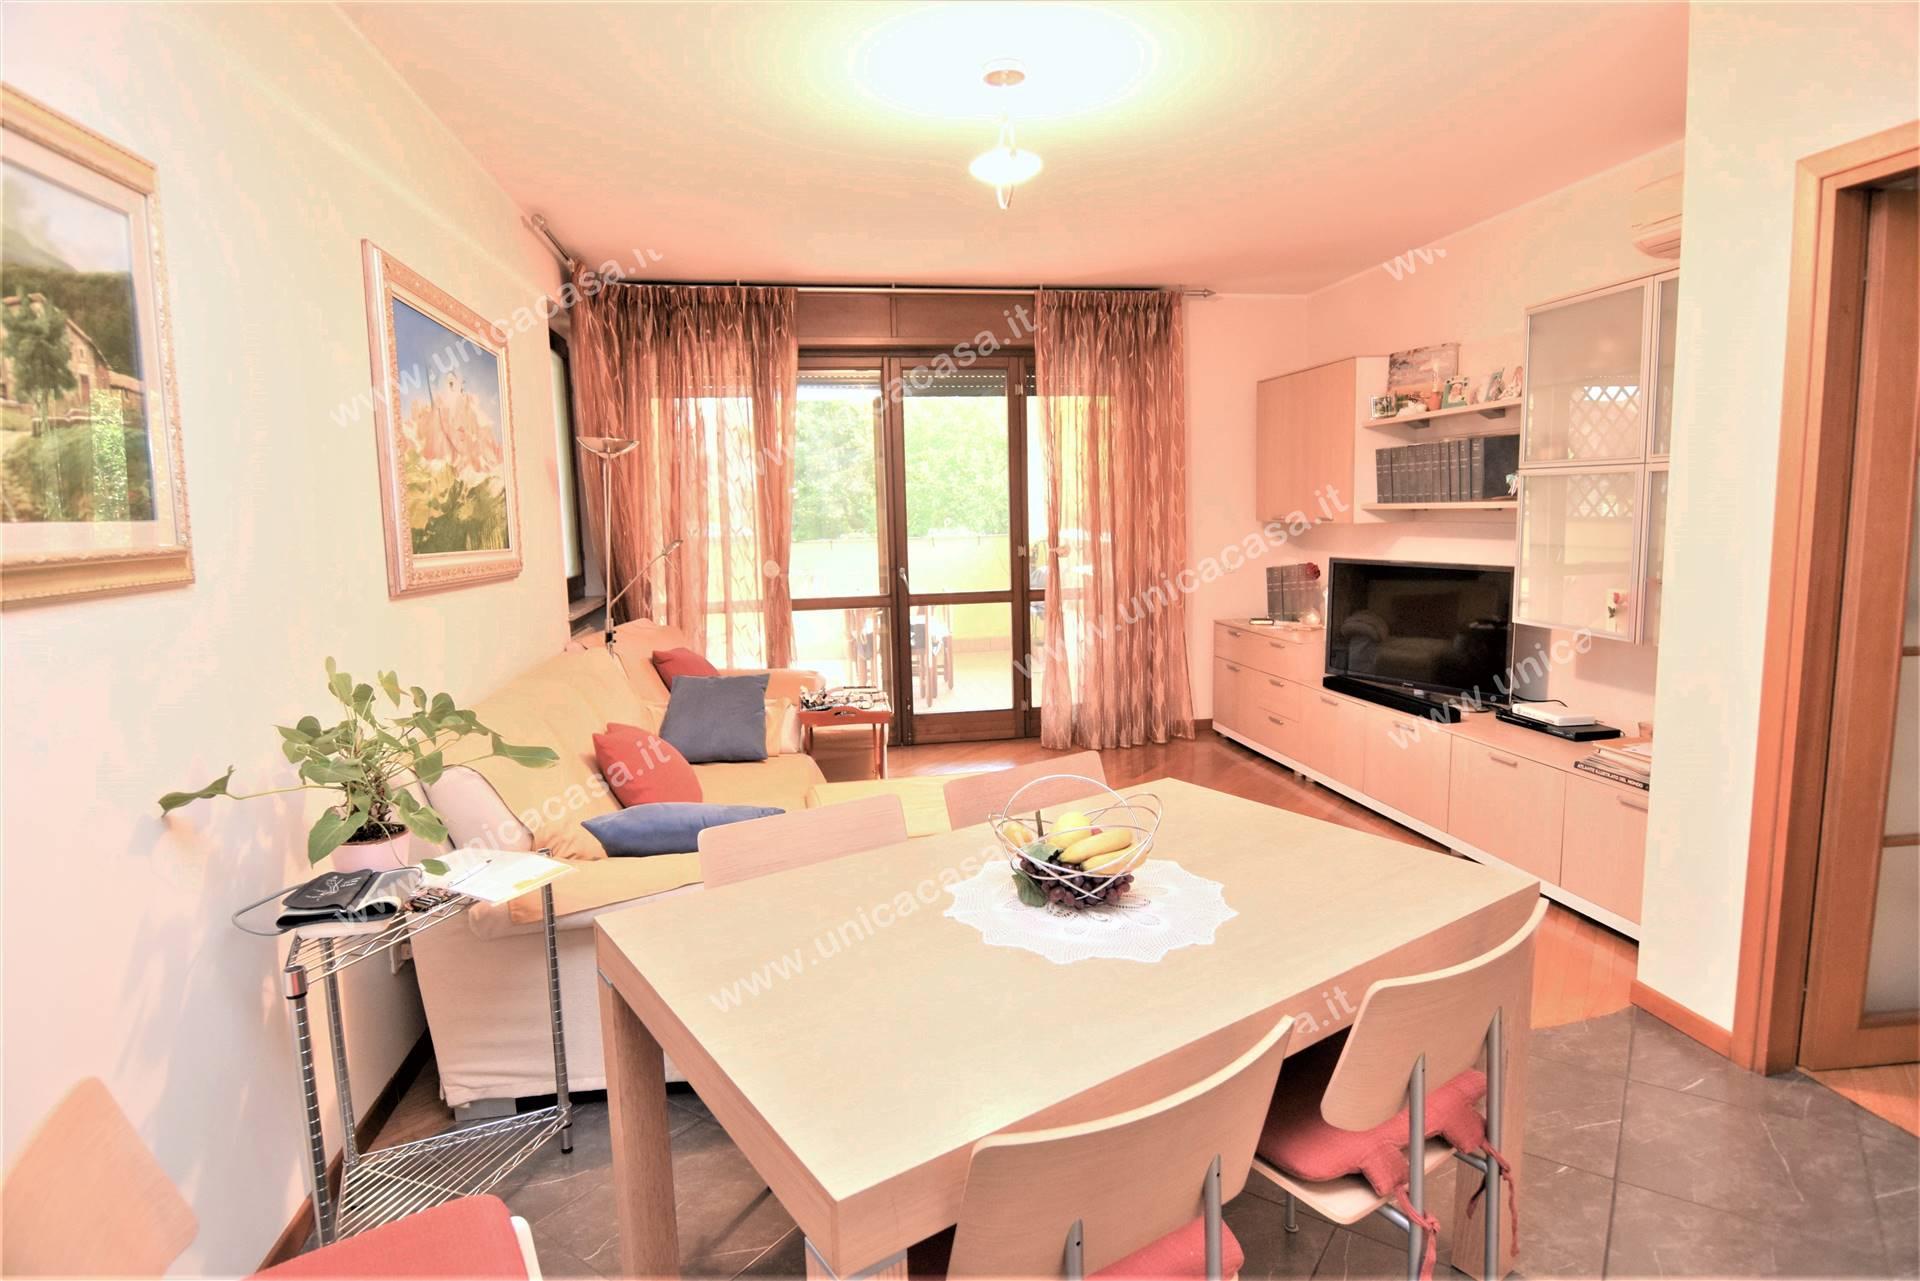 Appartamento in vendita a Romano di Lombardia, 3 locali, prezzo € 148.000 | PortaleAgenzieImmobiliari.it